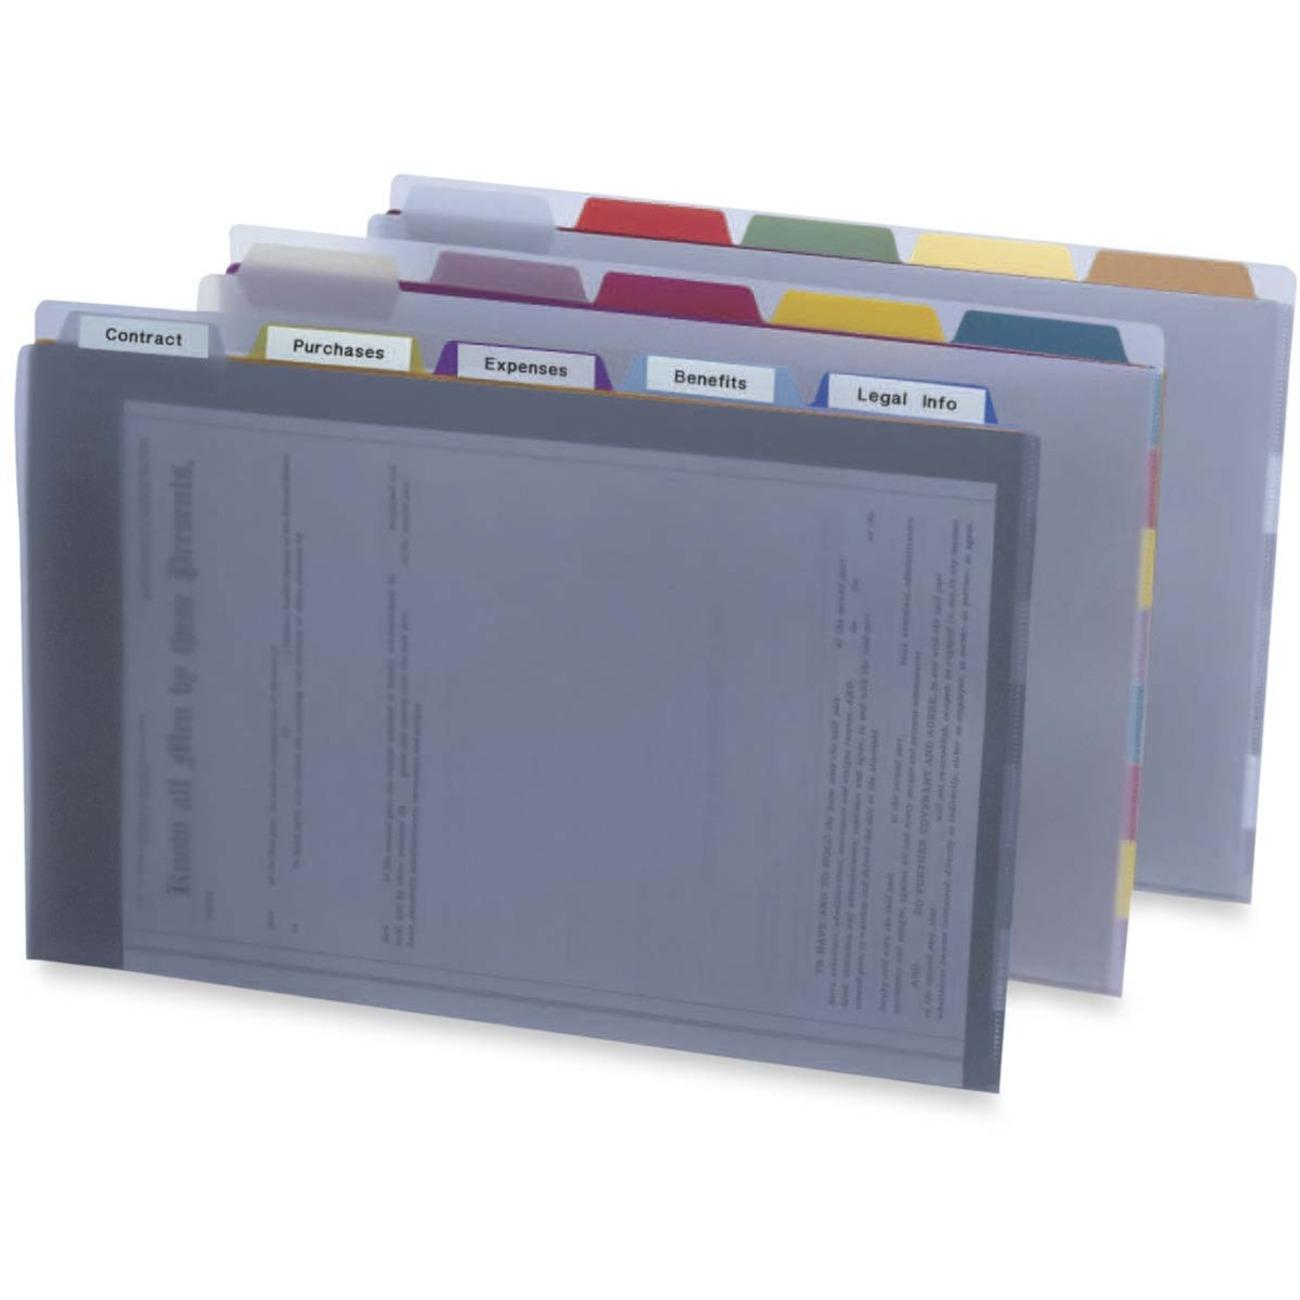 Pendaflex Project Organizer Wallets Legal 1 5 Tab Cut Polypropylene Clear 113 4 G Each